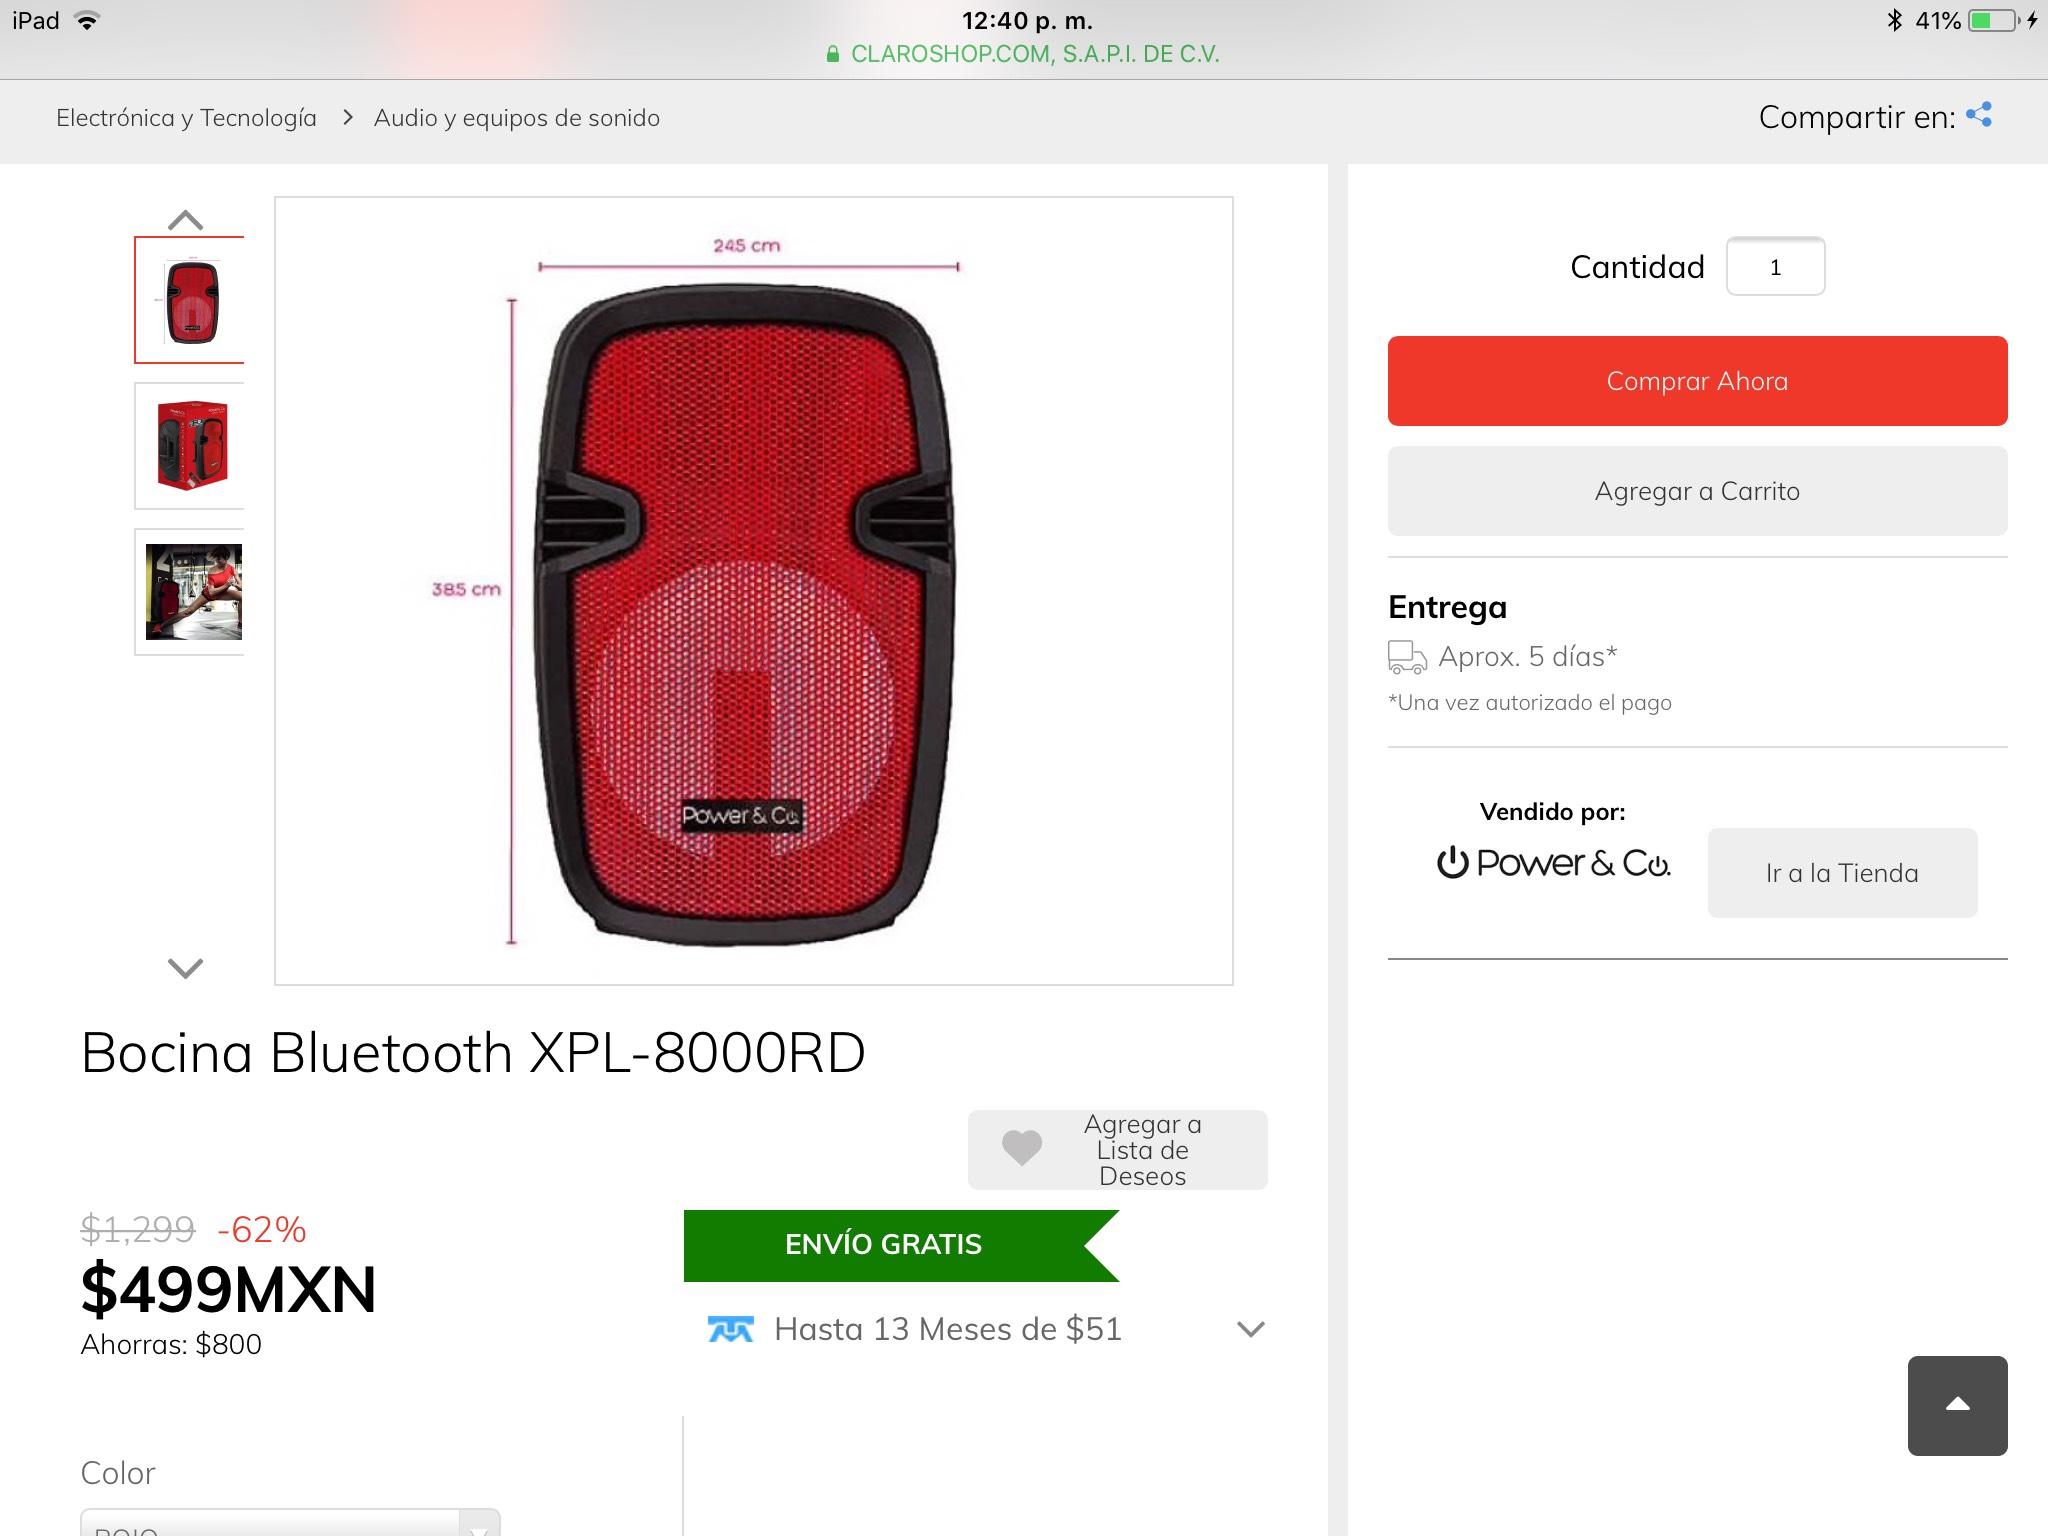 Claro Shop $499 por Bocina